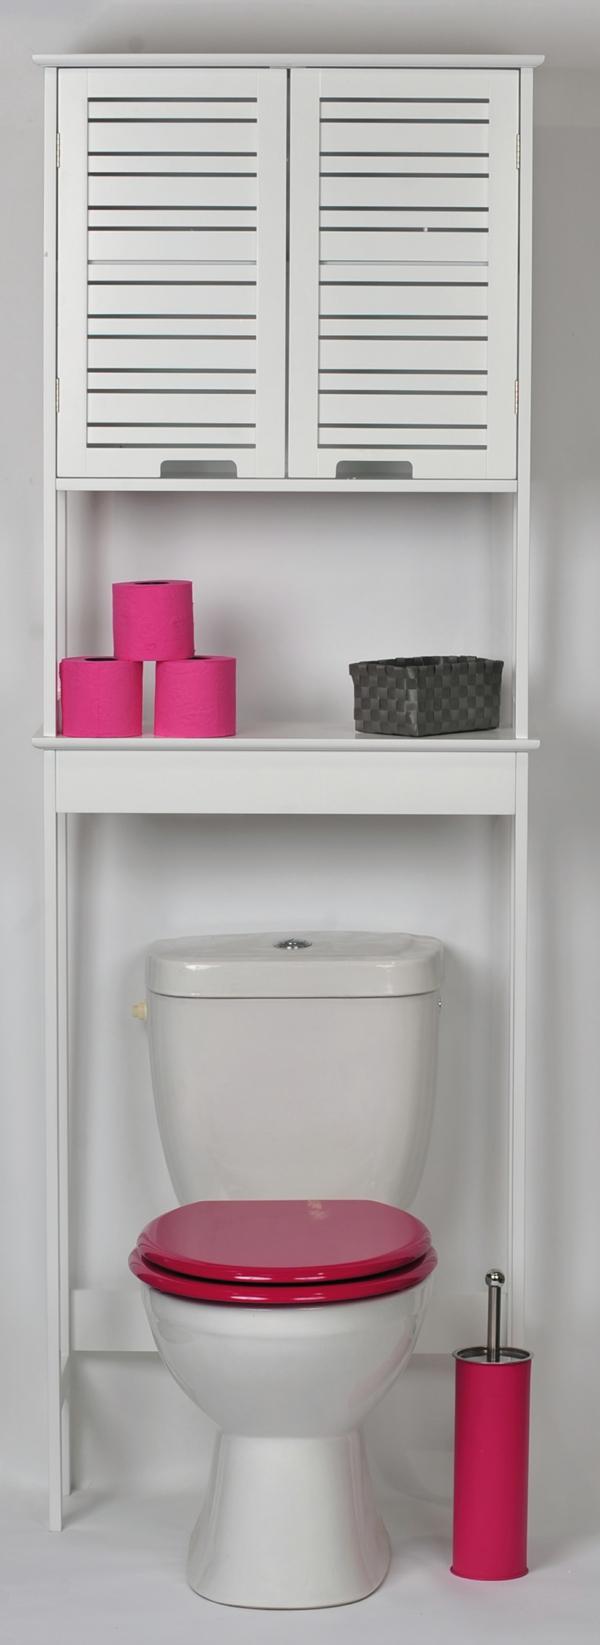 Salle De Bain Contemporaine 2015 : meuble-wc-pour-la-salle-de-bain-en-blanc-confortable-avec-un-armoire …